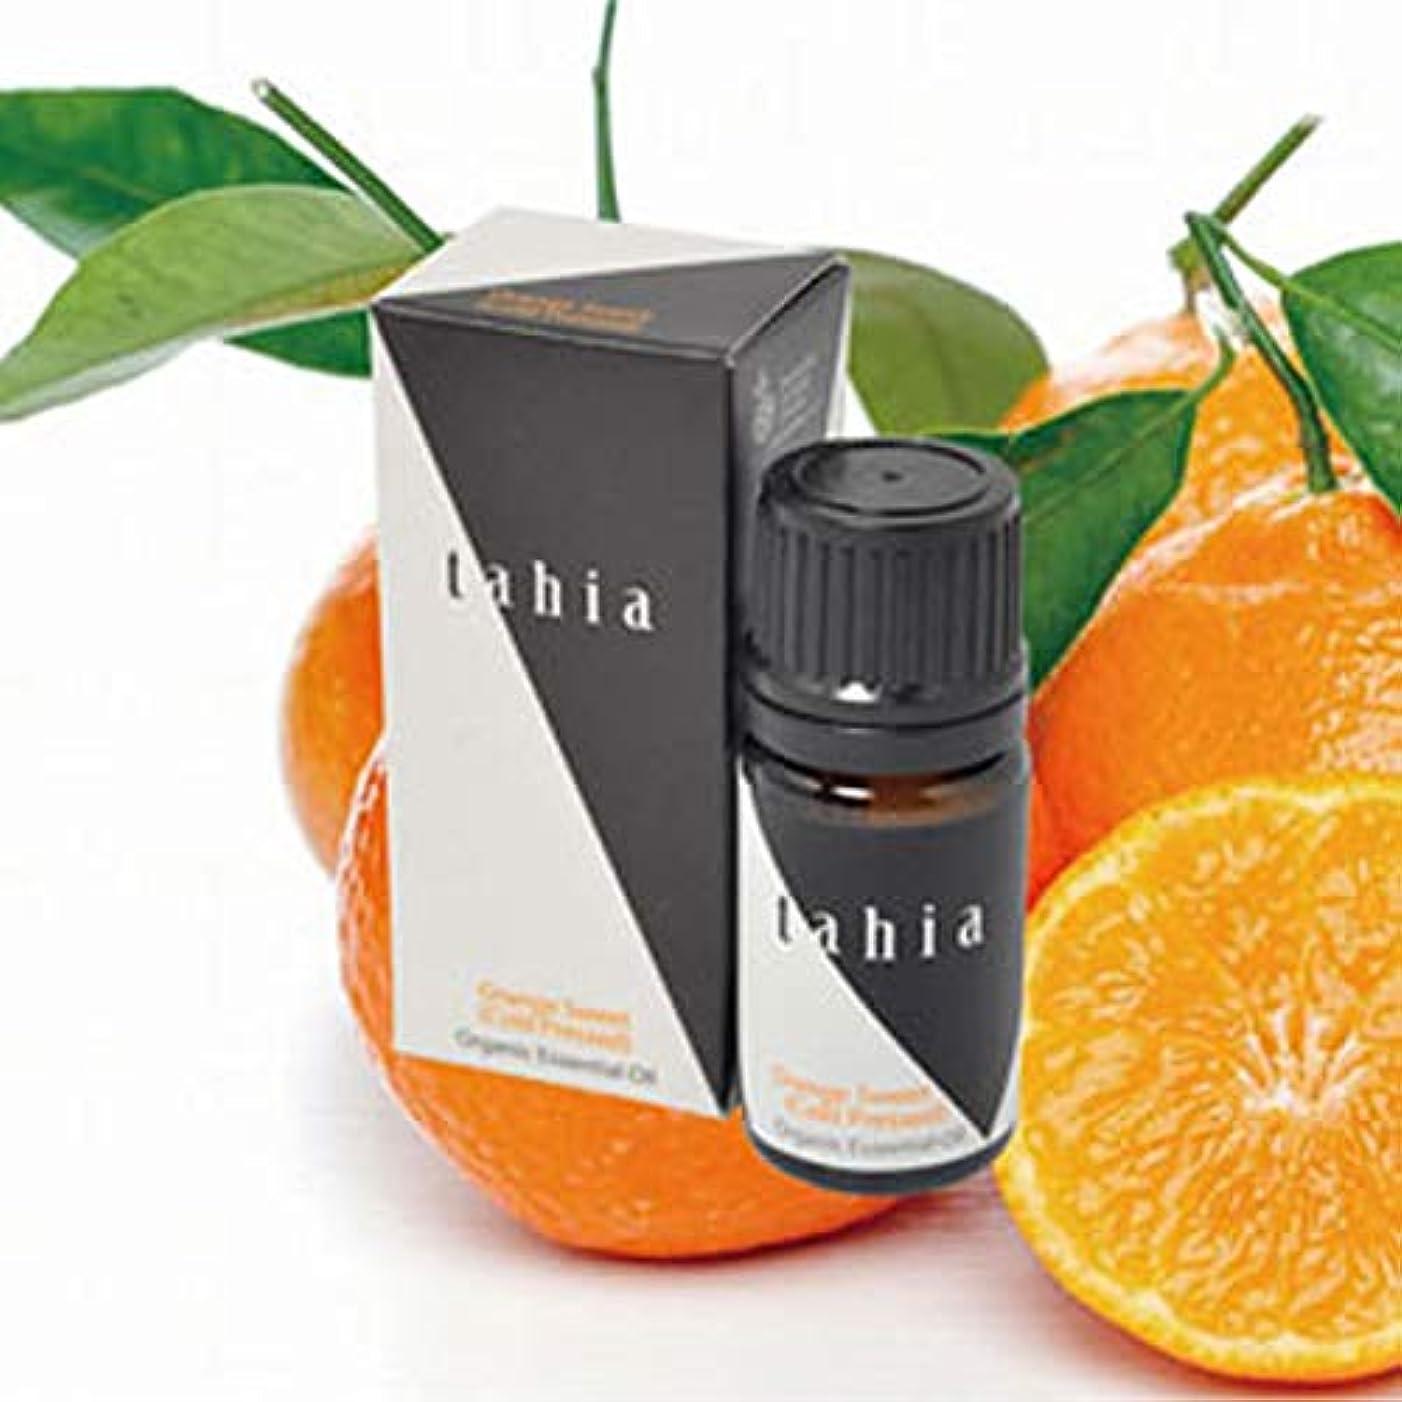 上院ストロー根絶するタツフト タヒア tahia オレンジ スイート エッセンシャルオイル オーガニック 芳香 精油